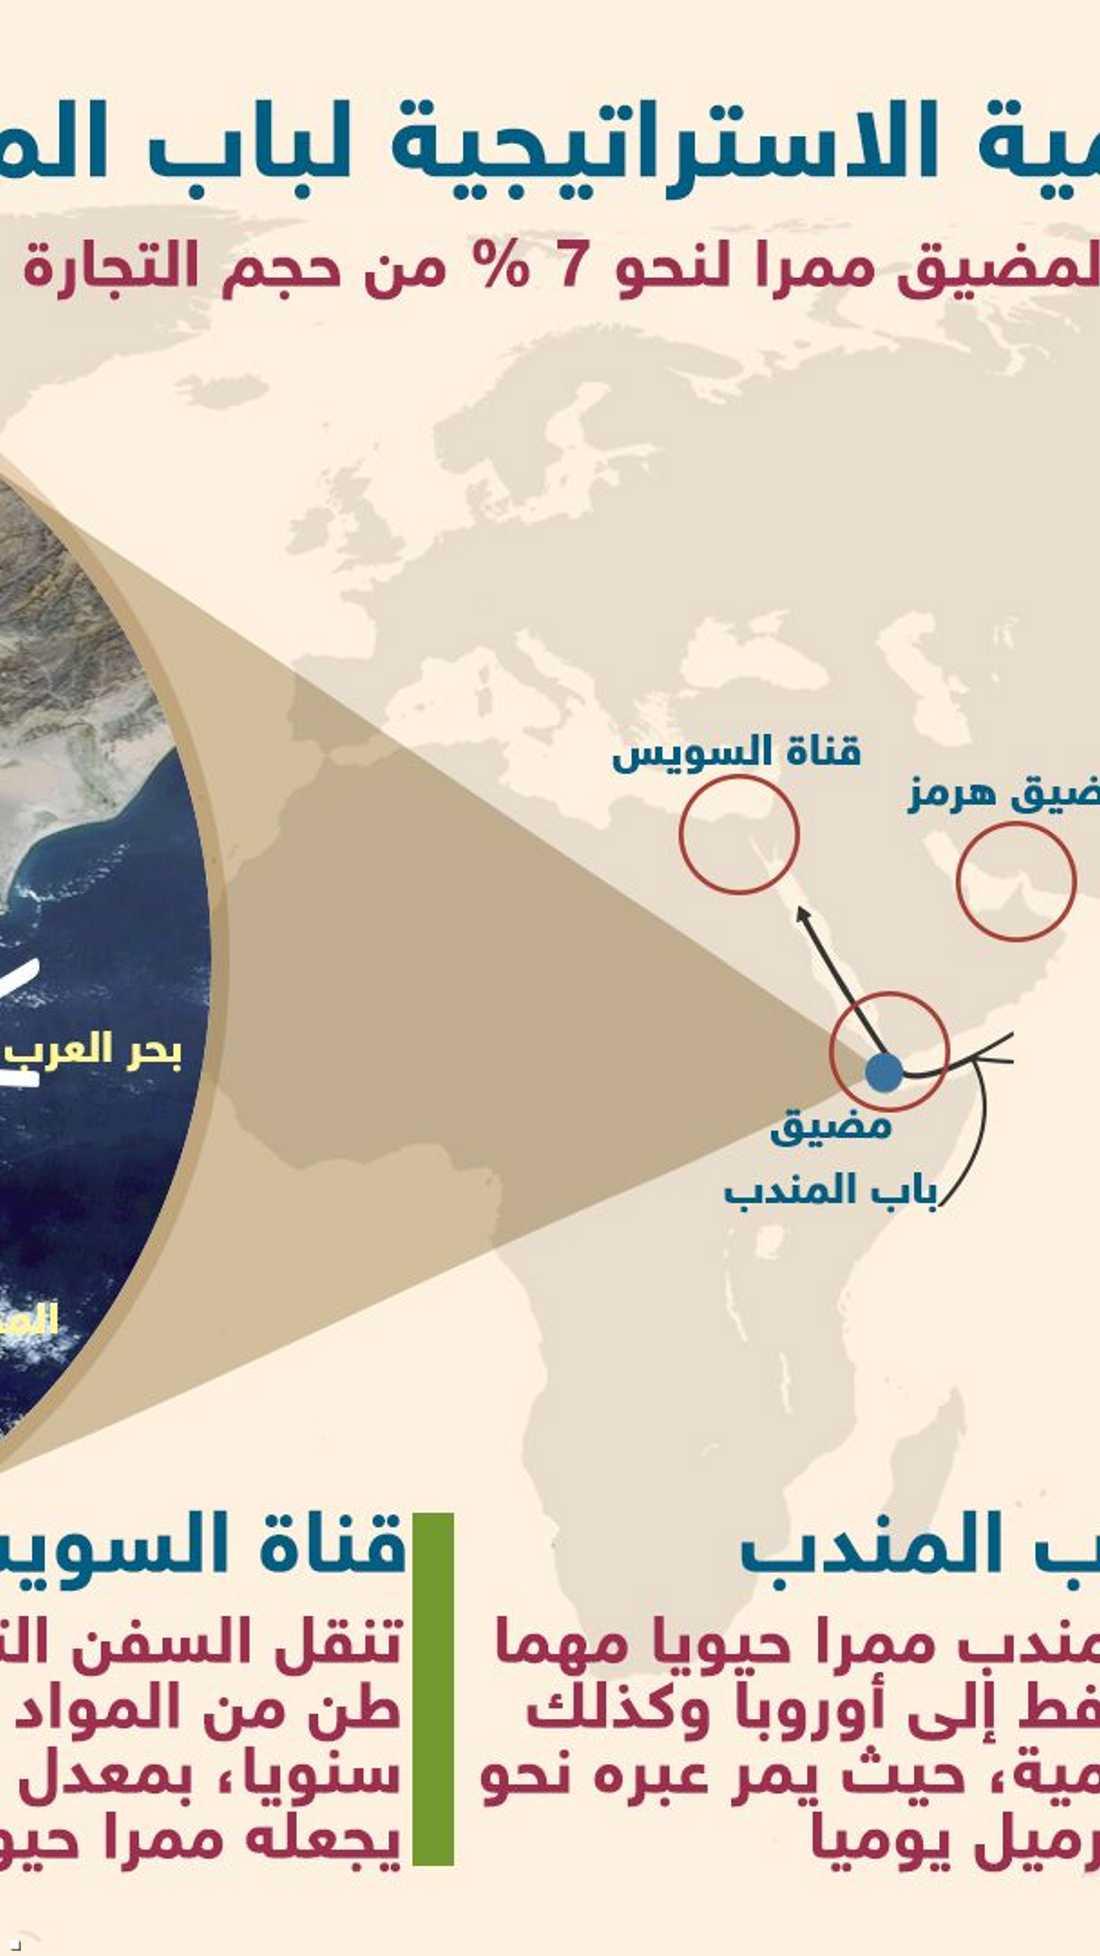 المضائق الثلاثة المهمة والاستراتيجية في الشرق الأوسط